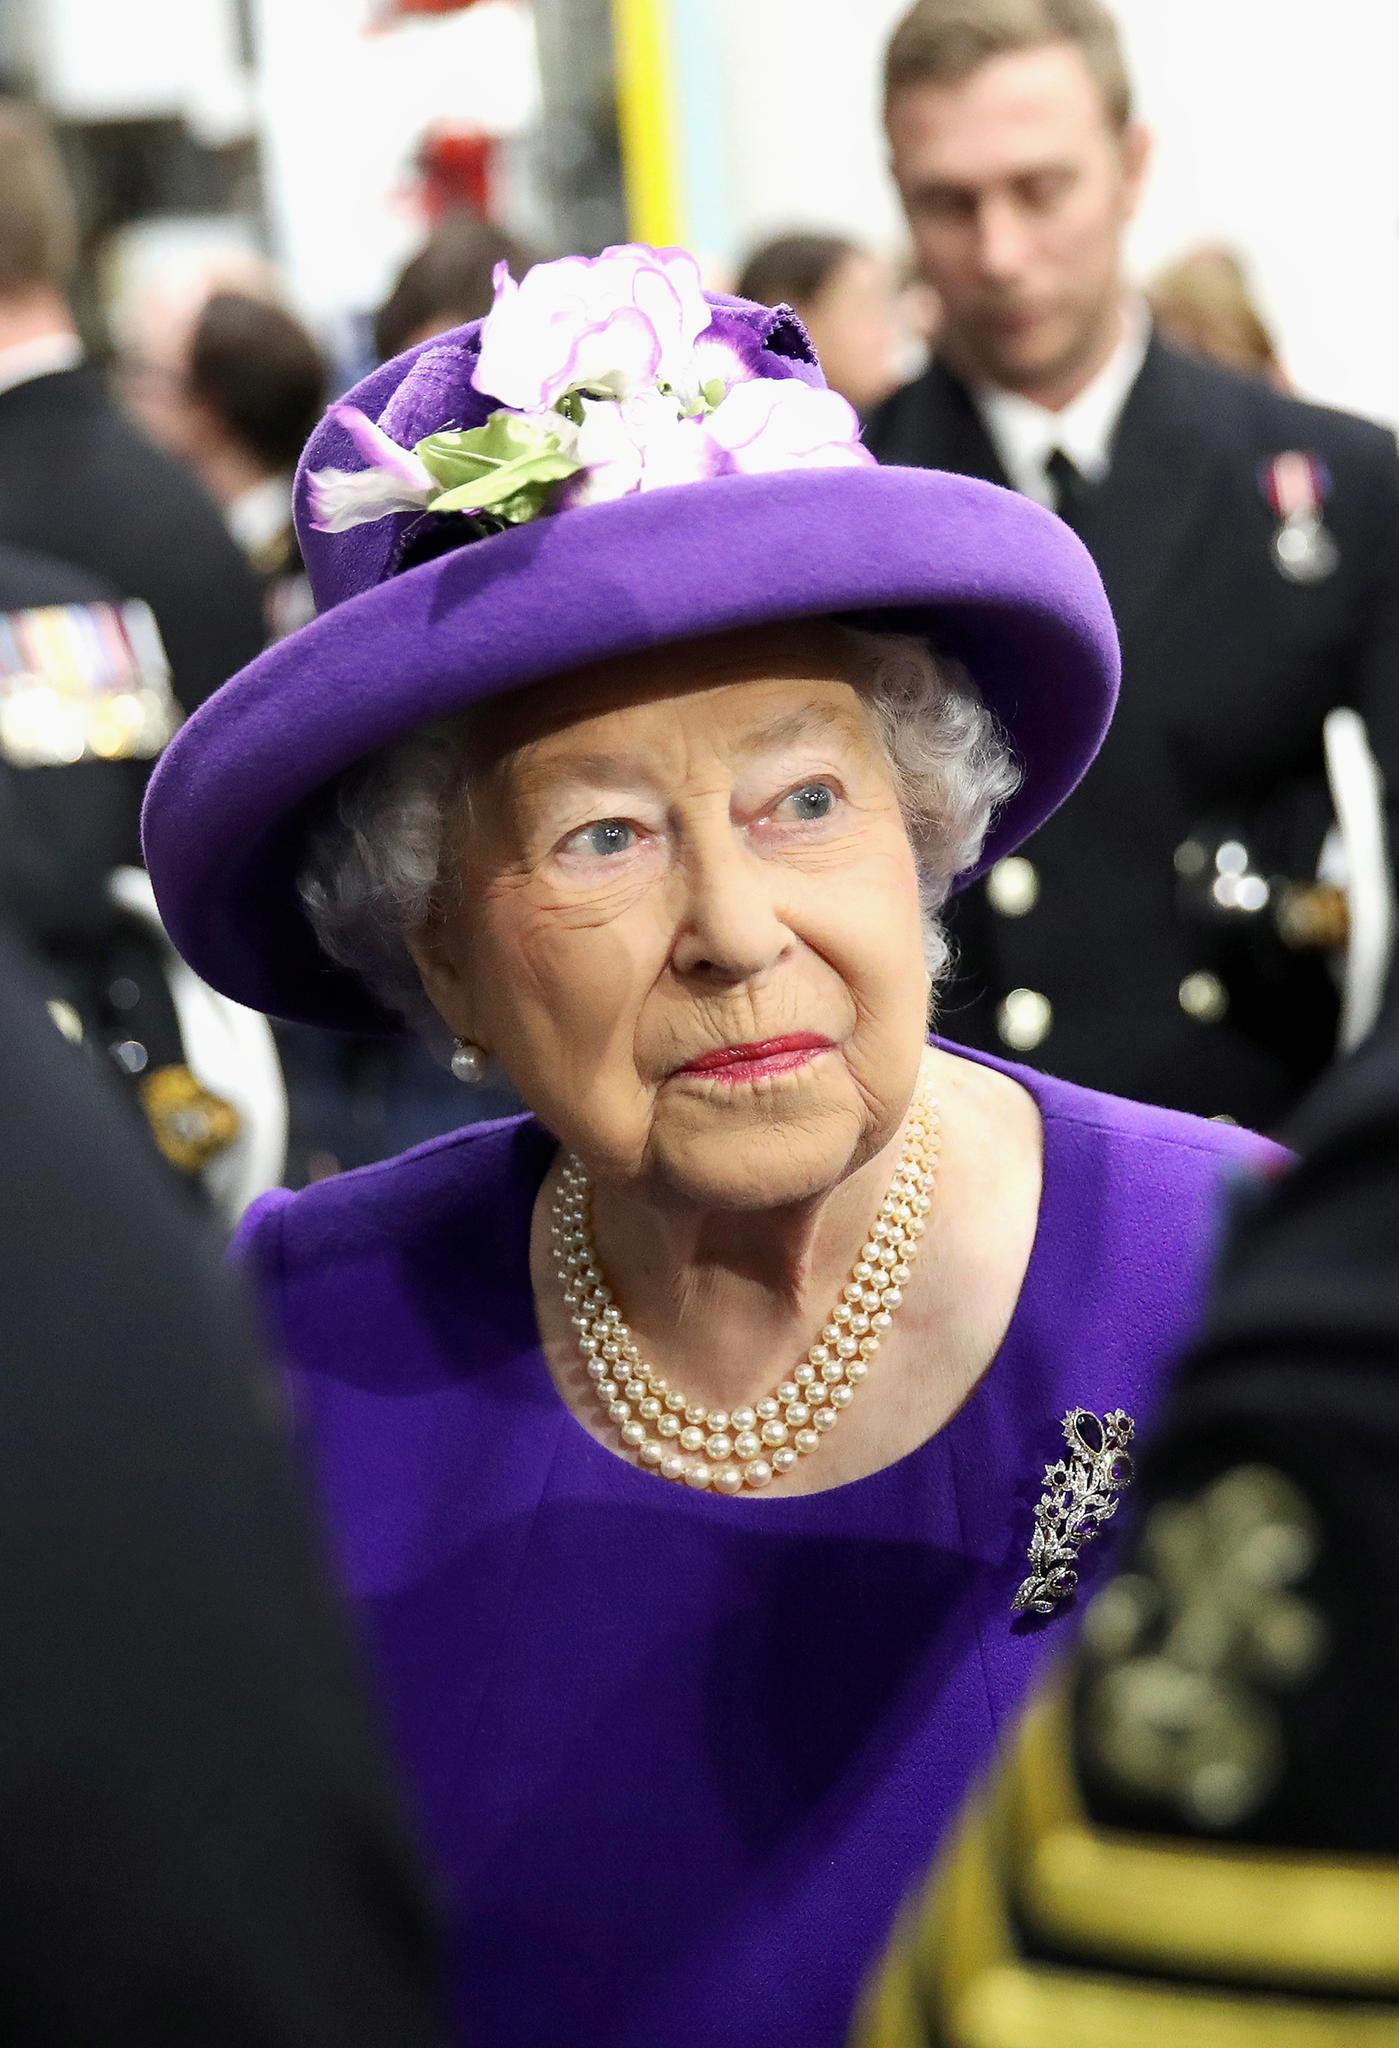 Immer Ärger mit den Schwiegertöchtern: Die Queen glaubte, Diana war schlimm. Camilla belehrt sie mit ihrer eigensinnigen Art eines Besseren